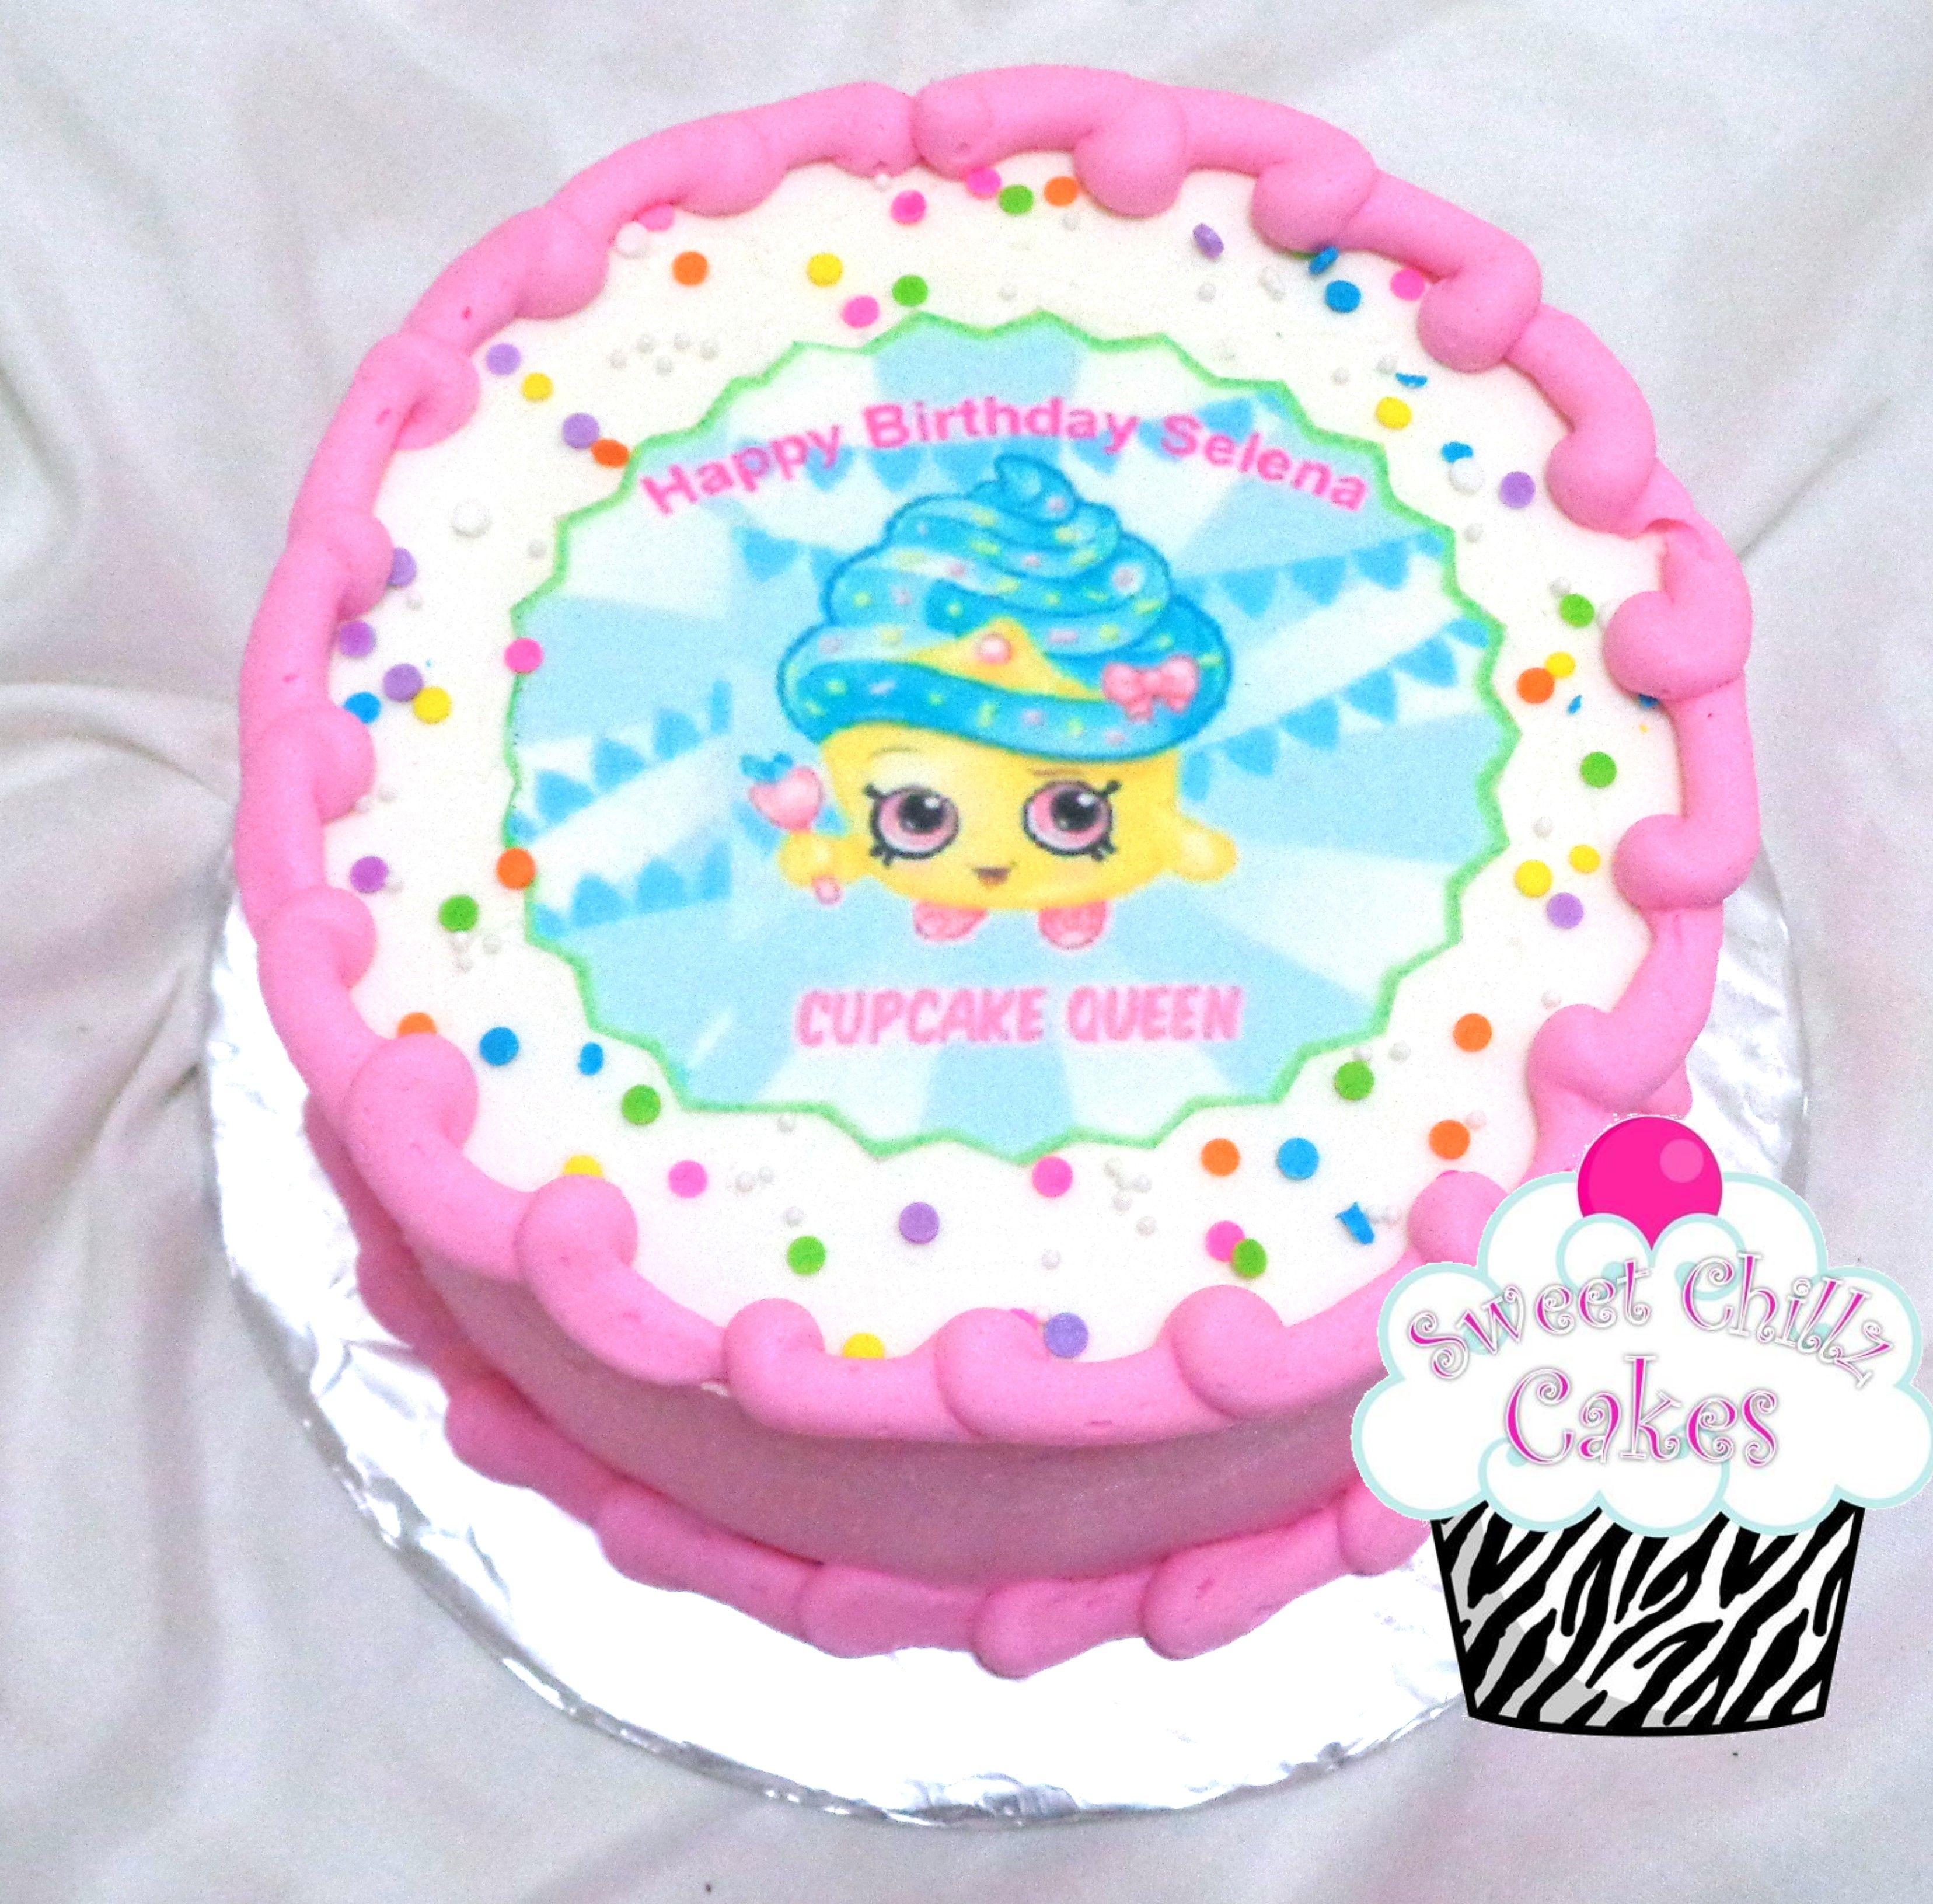 Shopkins Cupcake Queen Cake